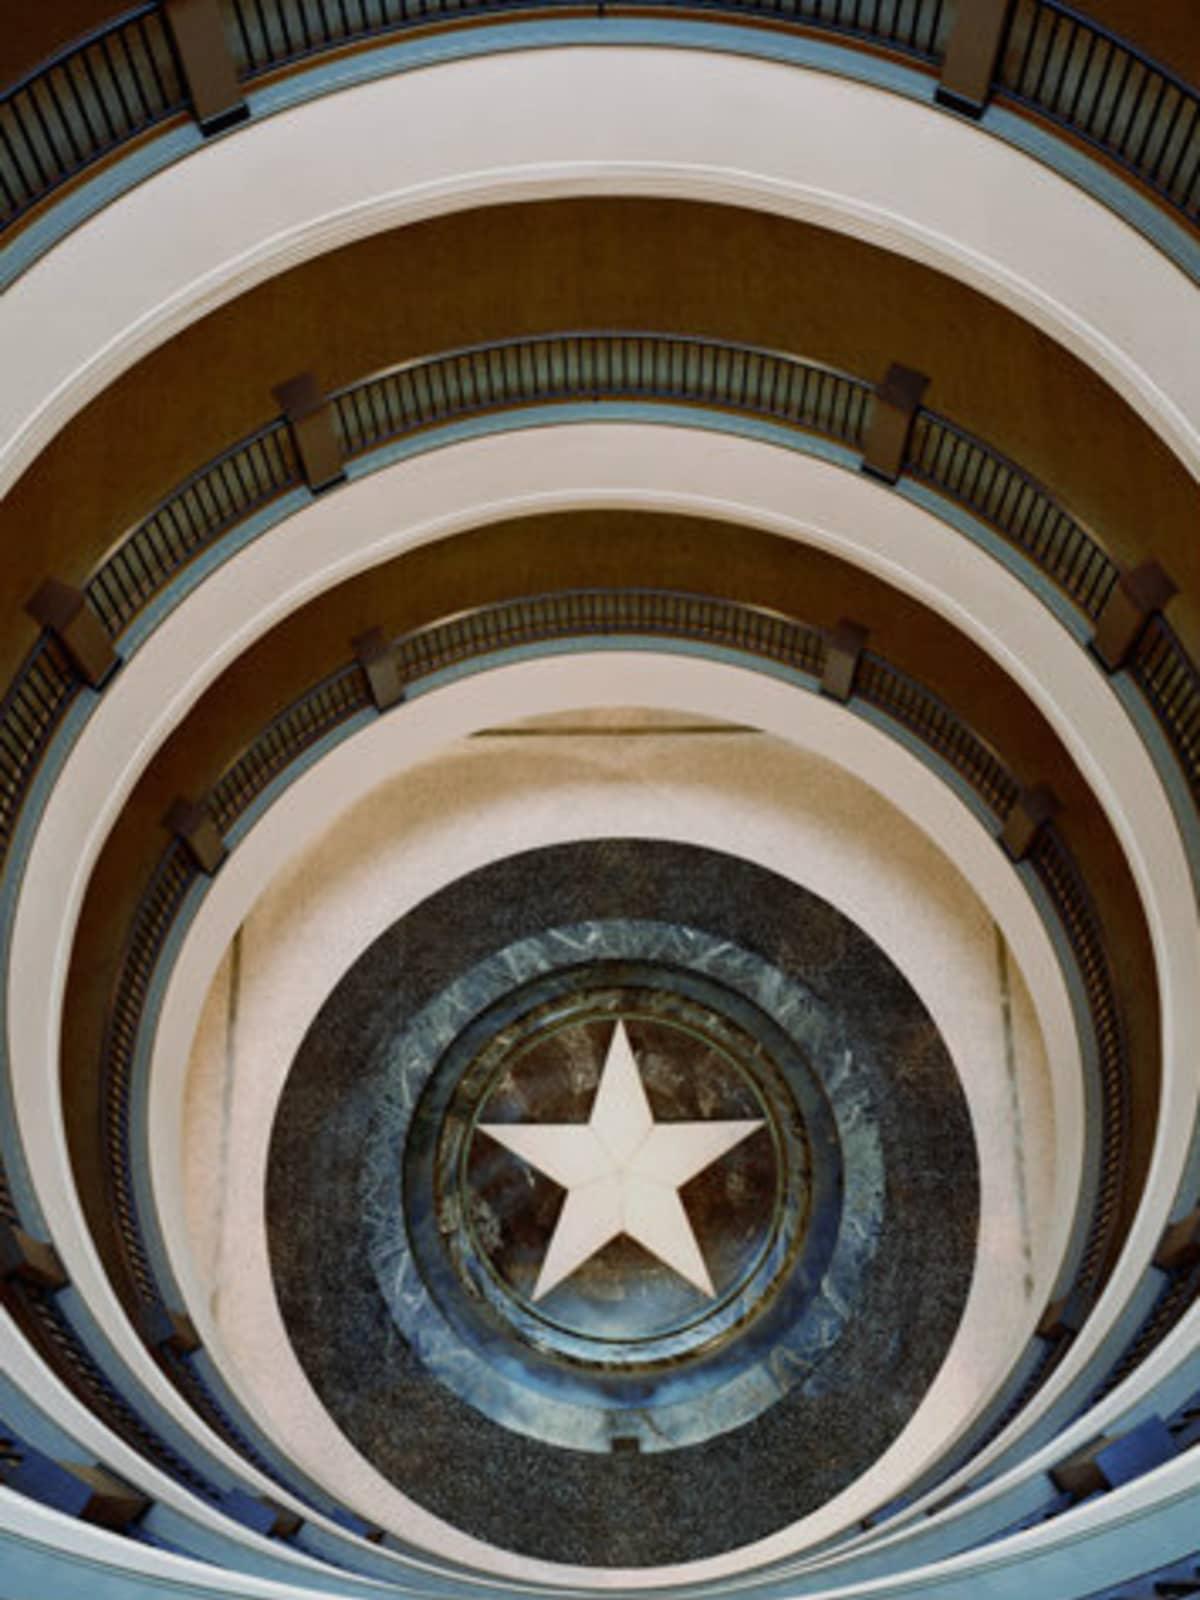 Rotunda at the Decorative Center Houston